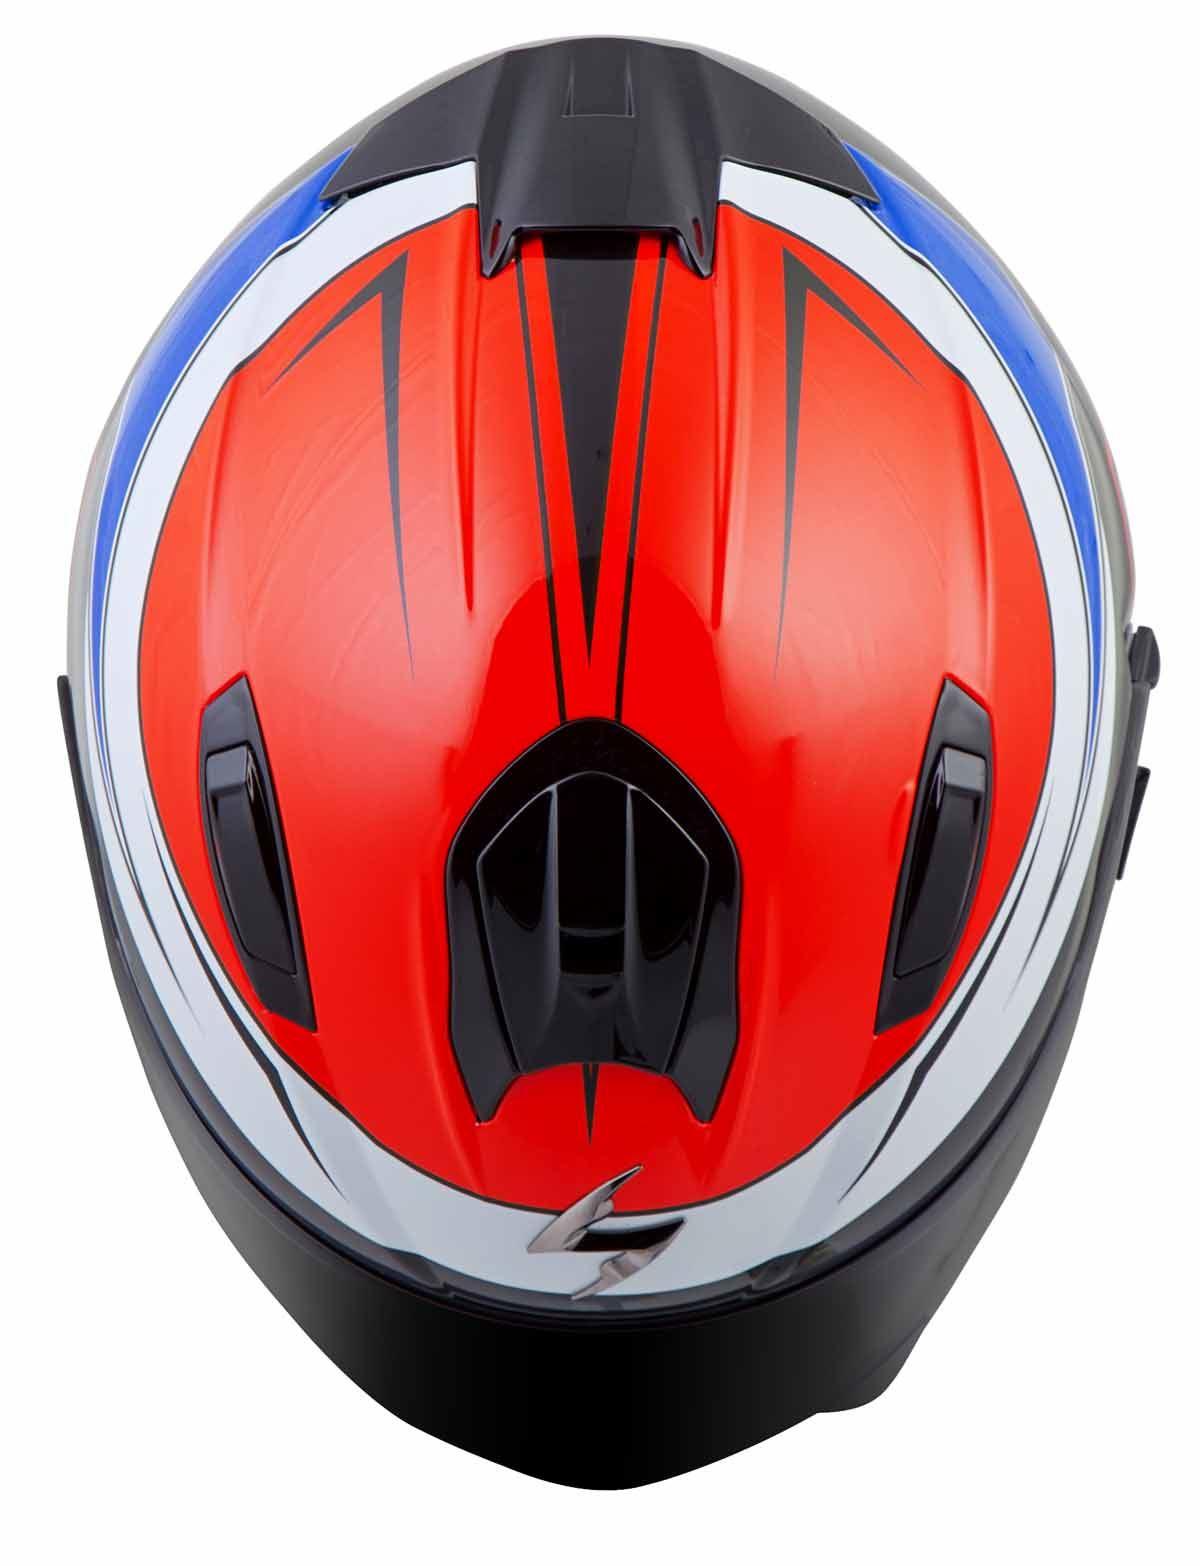 Scorpion-EXO-T510-Helmet-Full-Face-DOT-Approved-Inner-Sun-Shield miniature 36